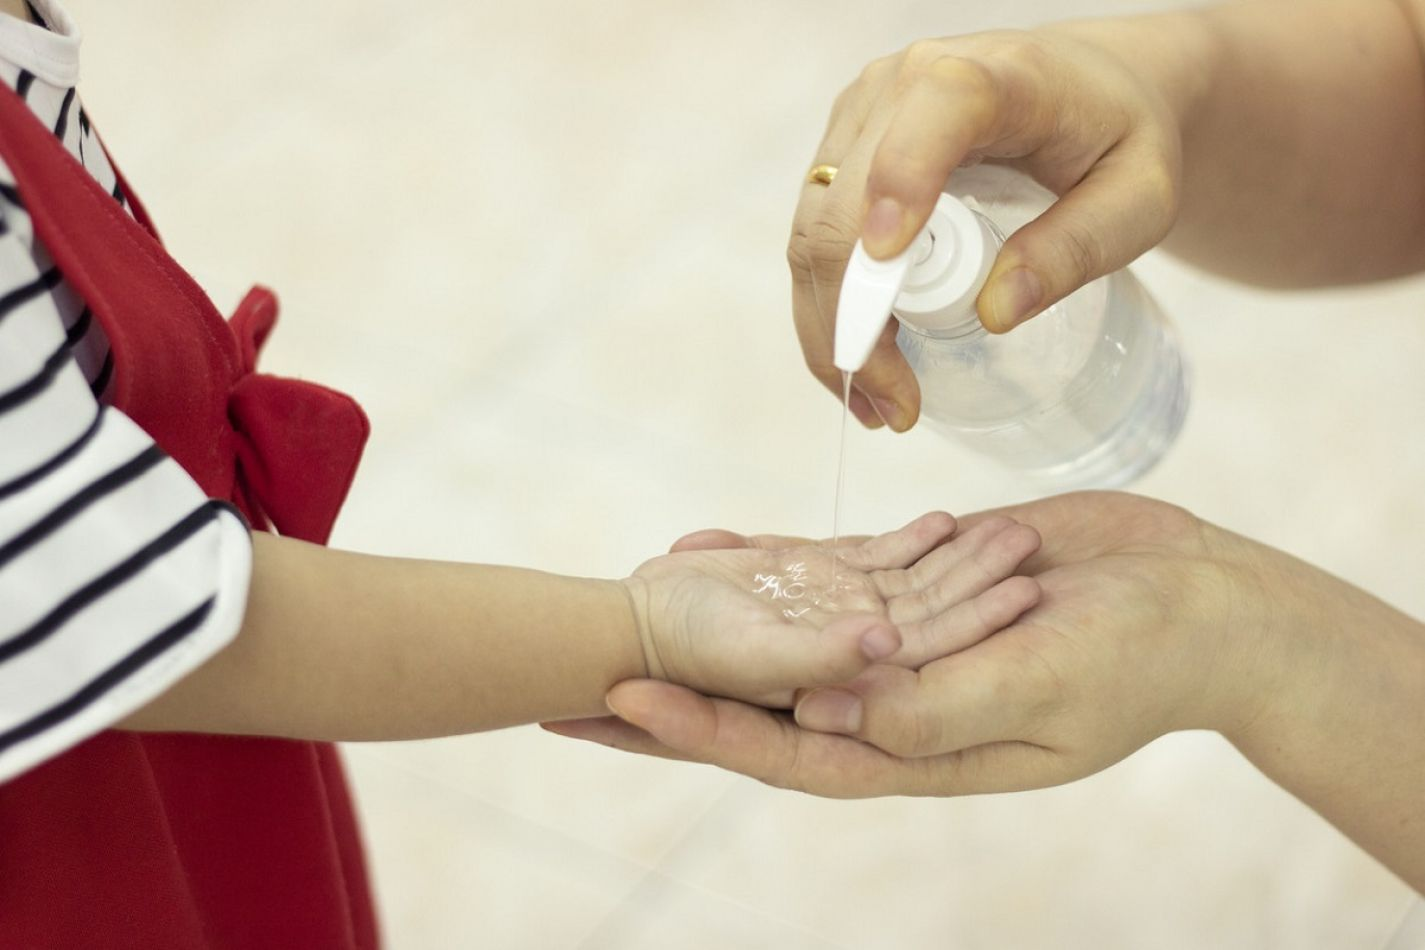 Sanitizar las manos, el distanciamiento social y el uso del barbijo, será obligatorio para todos.